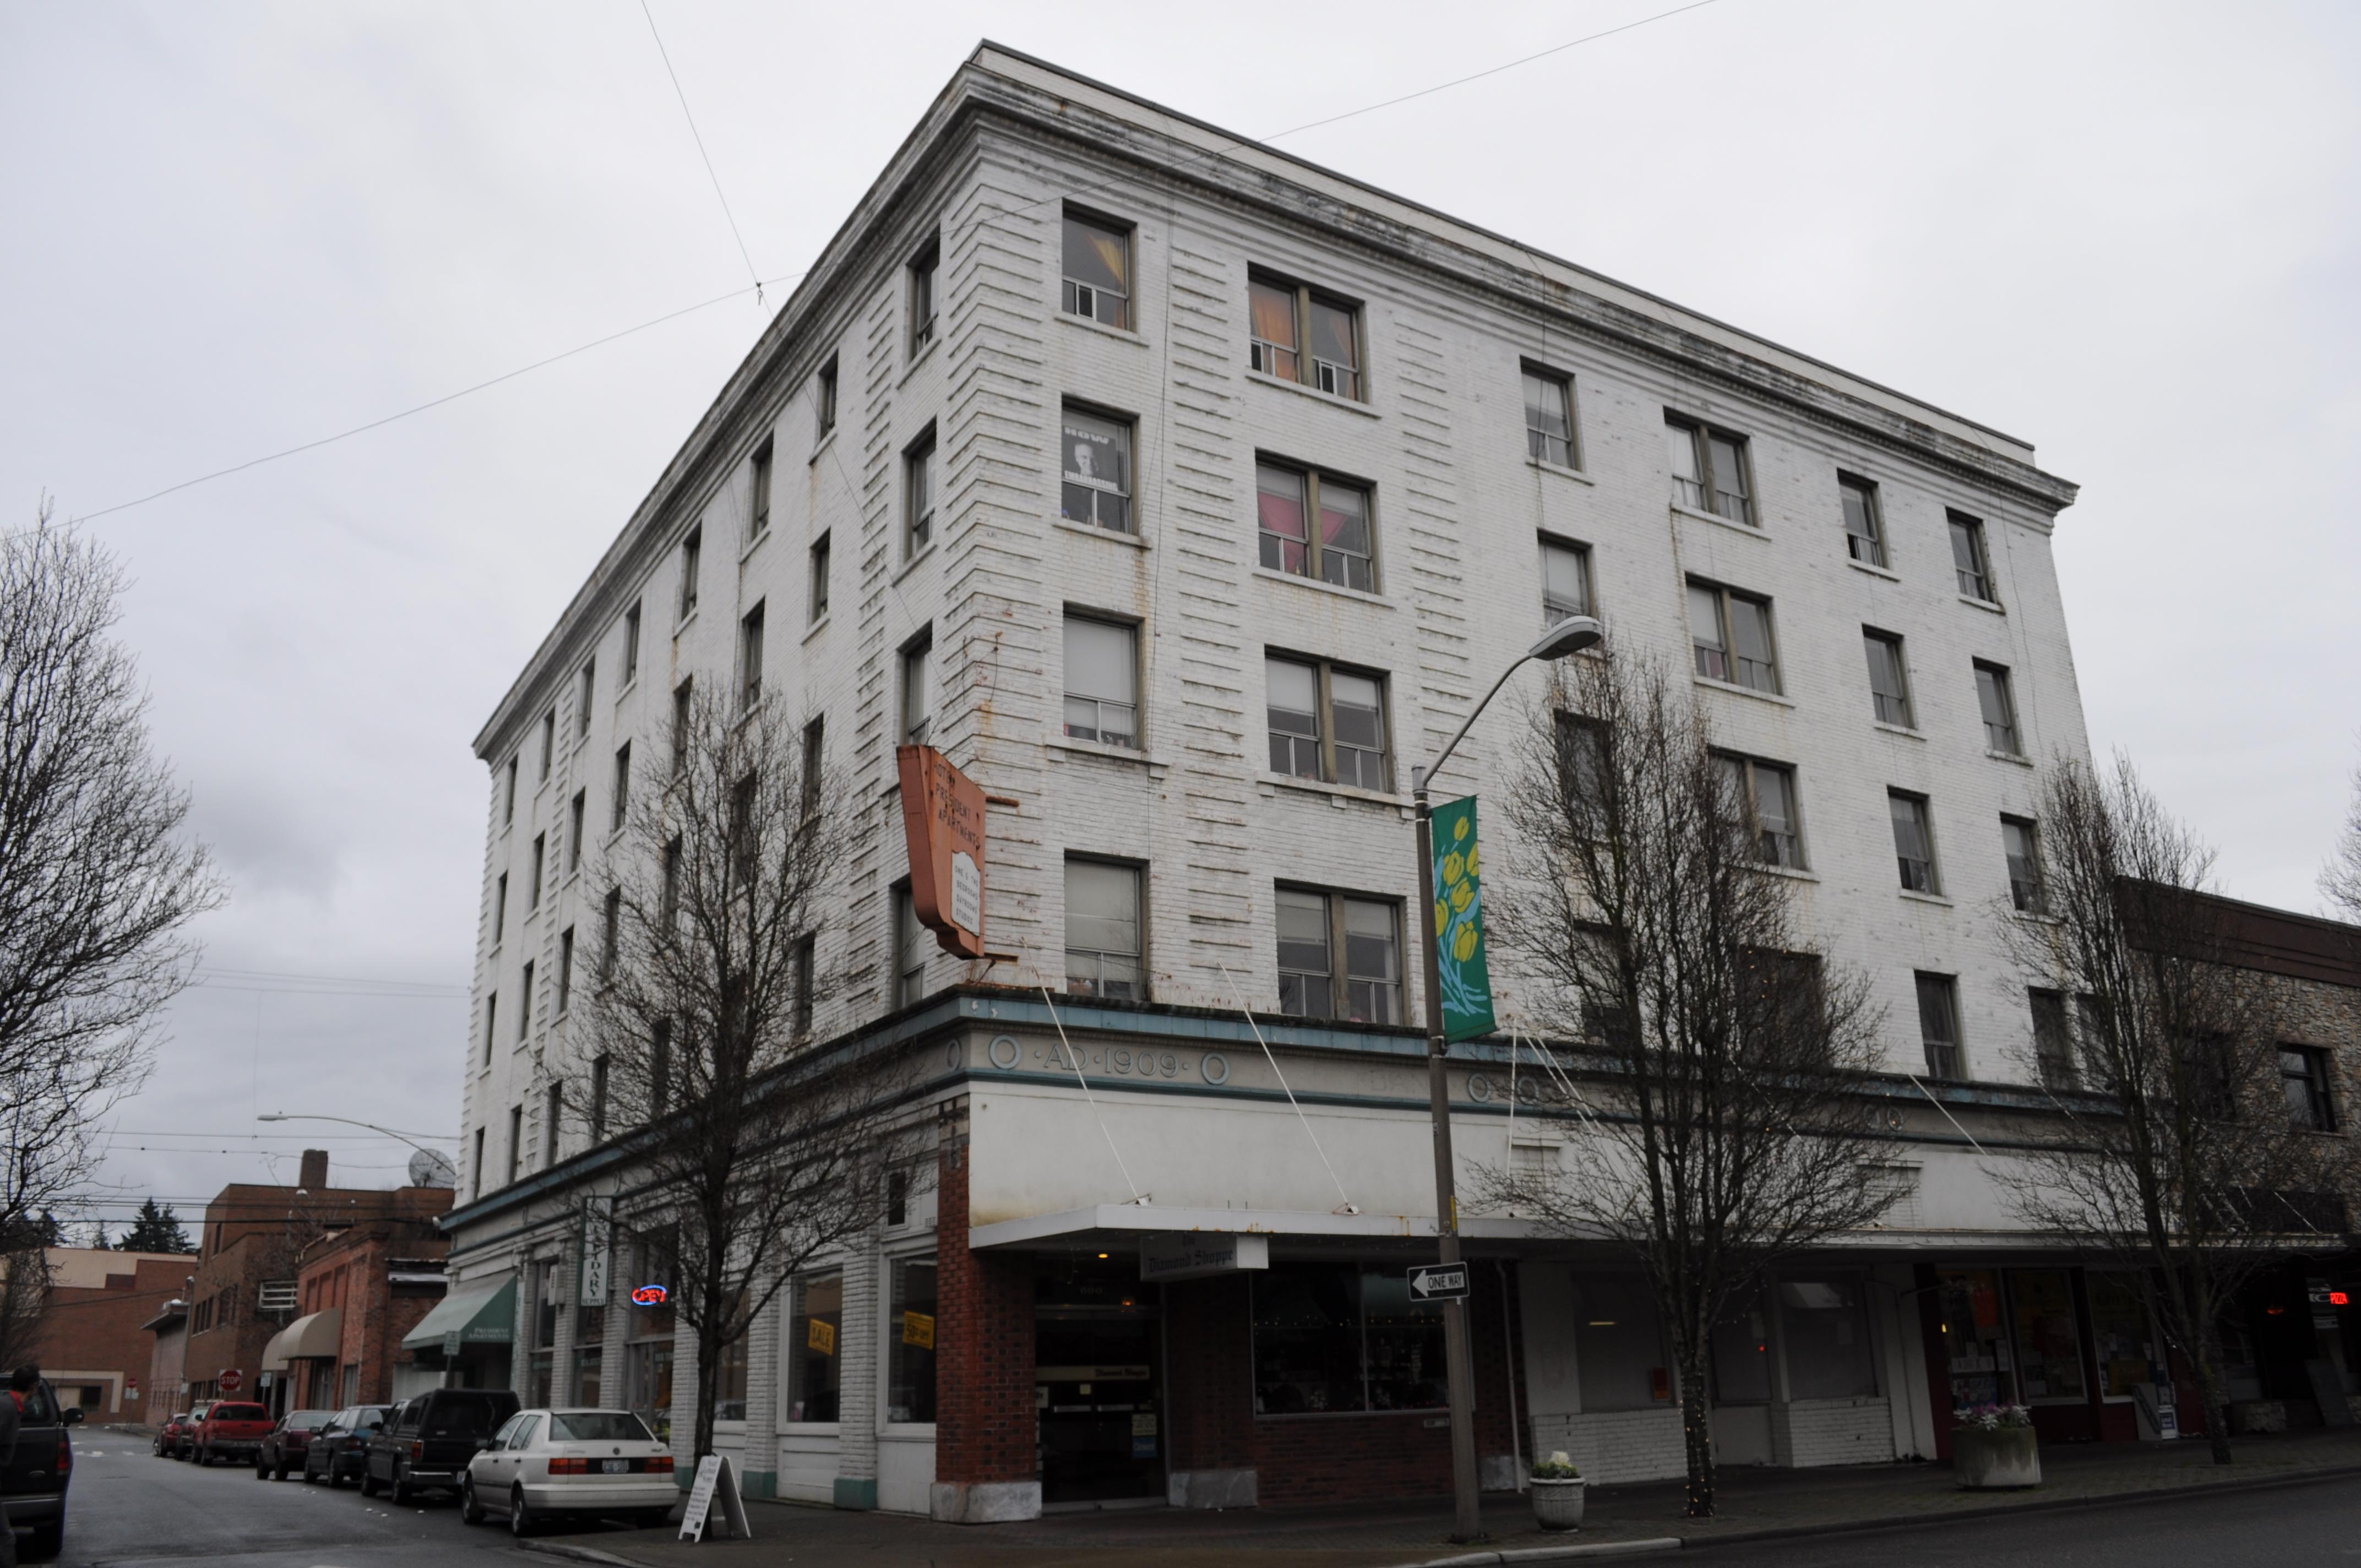 President Apartments Mount Vernon Wa